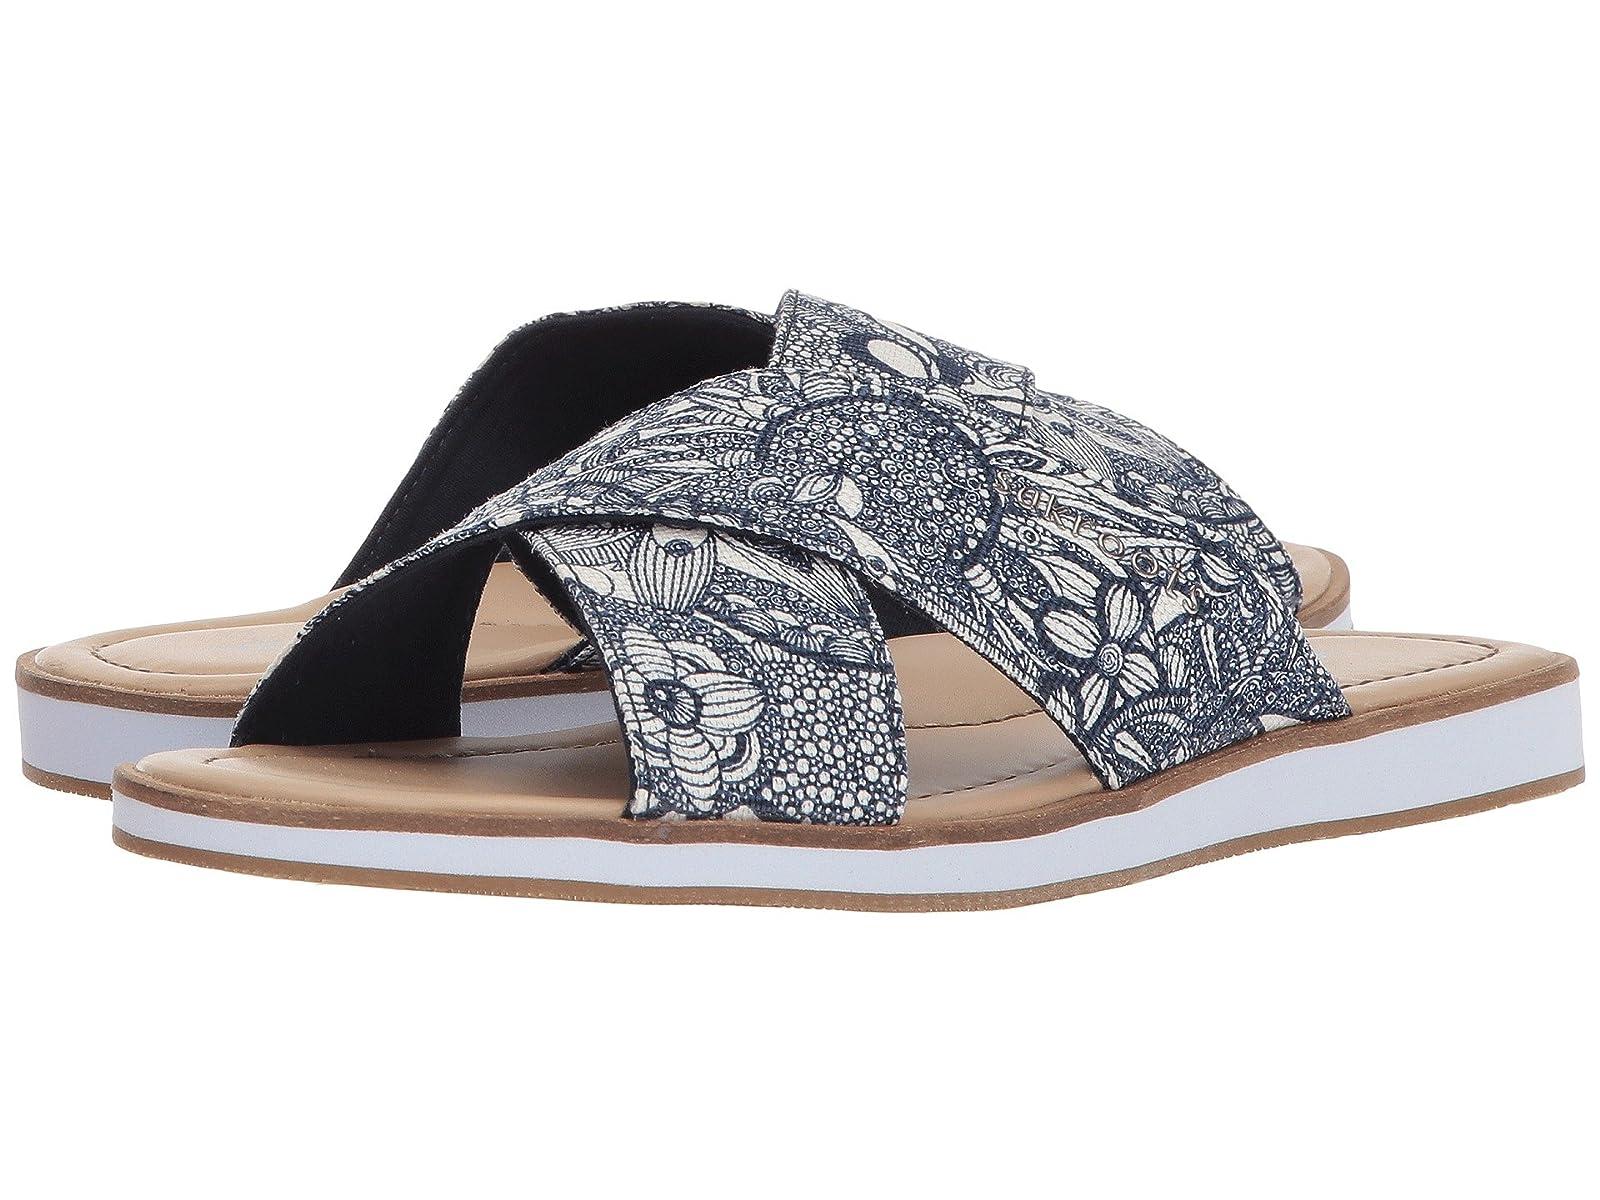 Sakroots Calypso Flip-FlopAtmospheric grades have affordable shoes